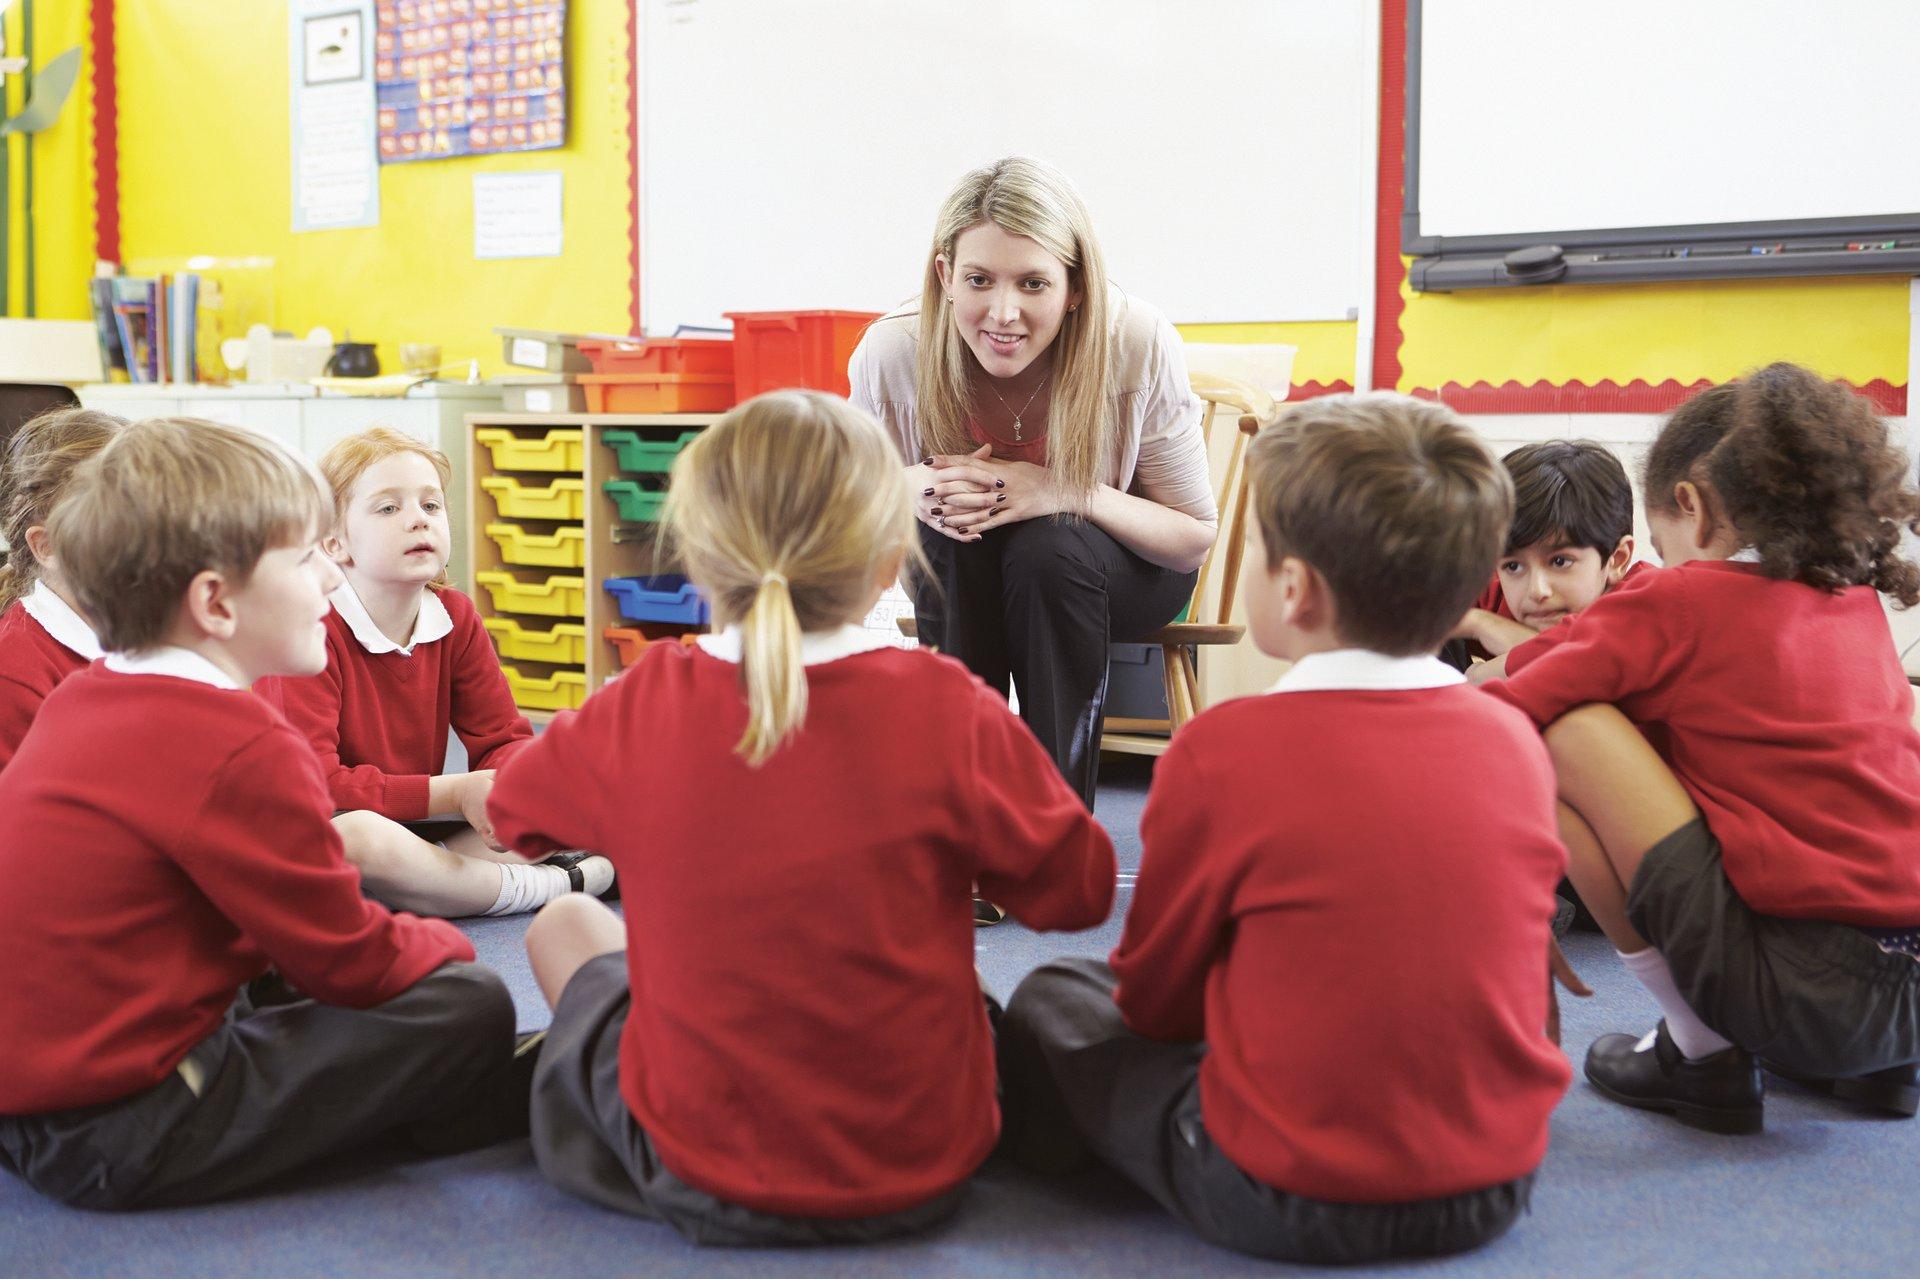 nauczycielka w czasie rozmowie z uczniami